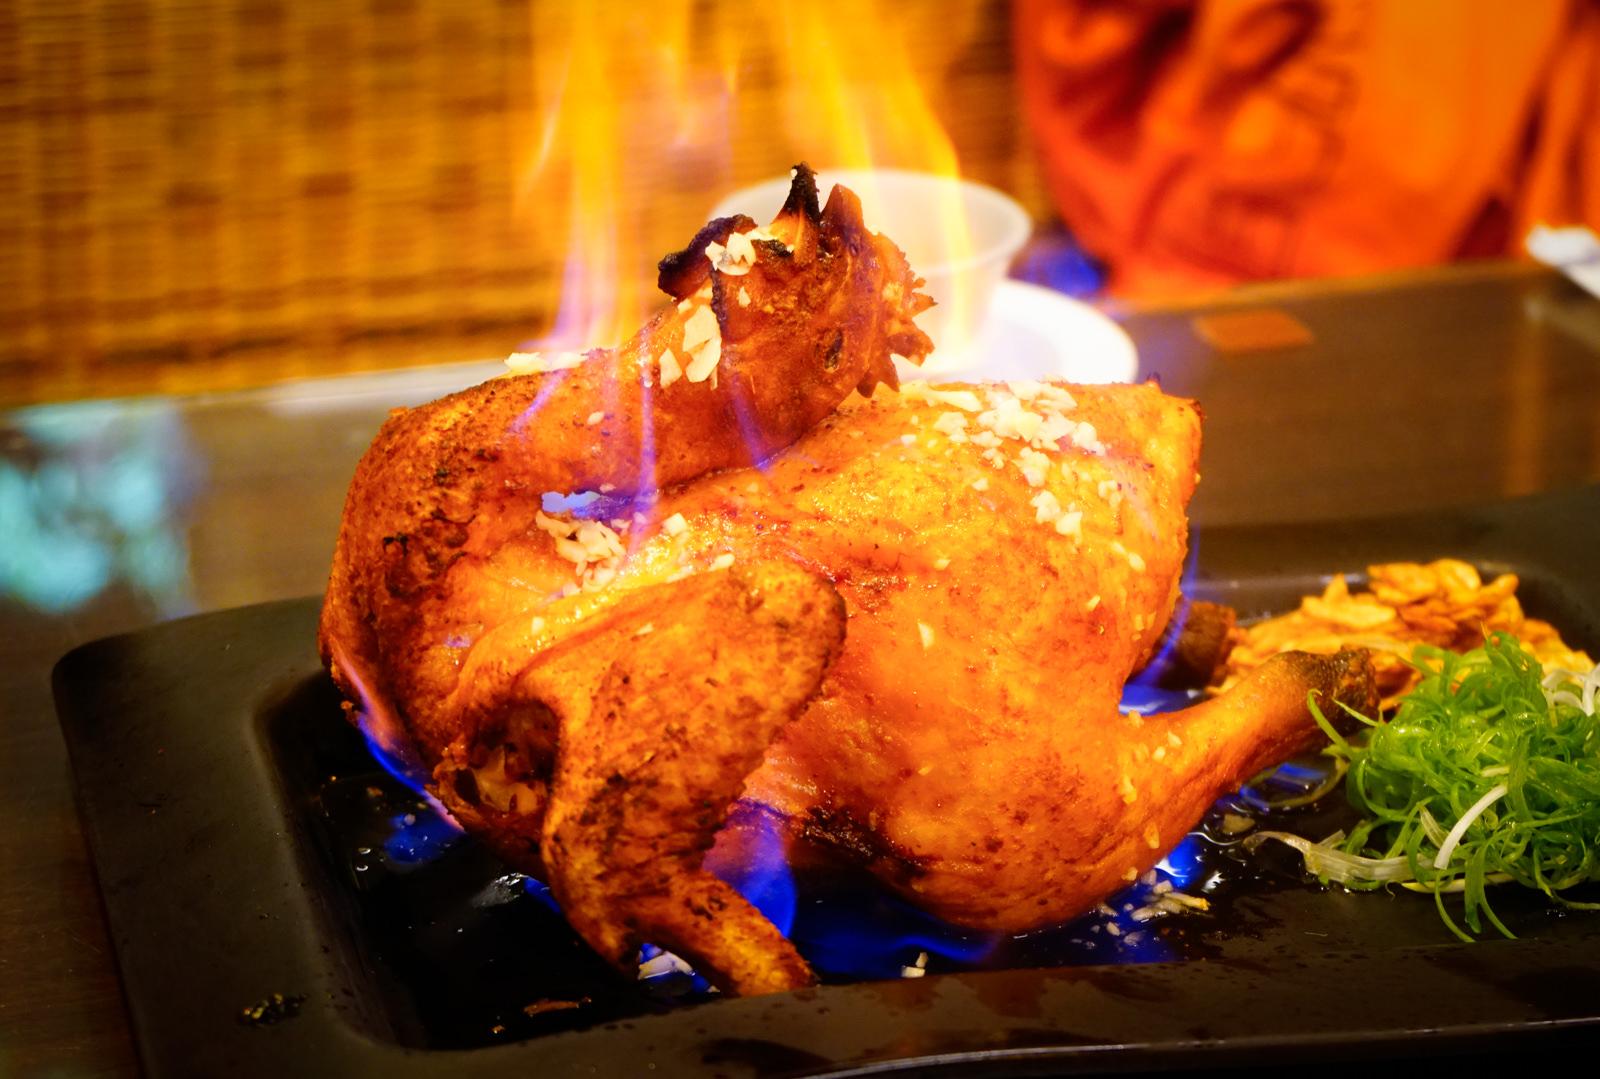 [高雄]城裡的月光土雞-燃燒吧!噴汁火燒雞 桌邊秀創意吃土雞 高雄土雞城推薦